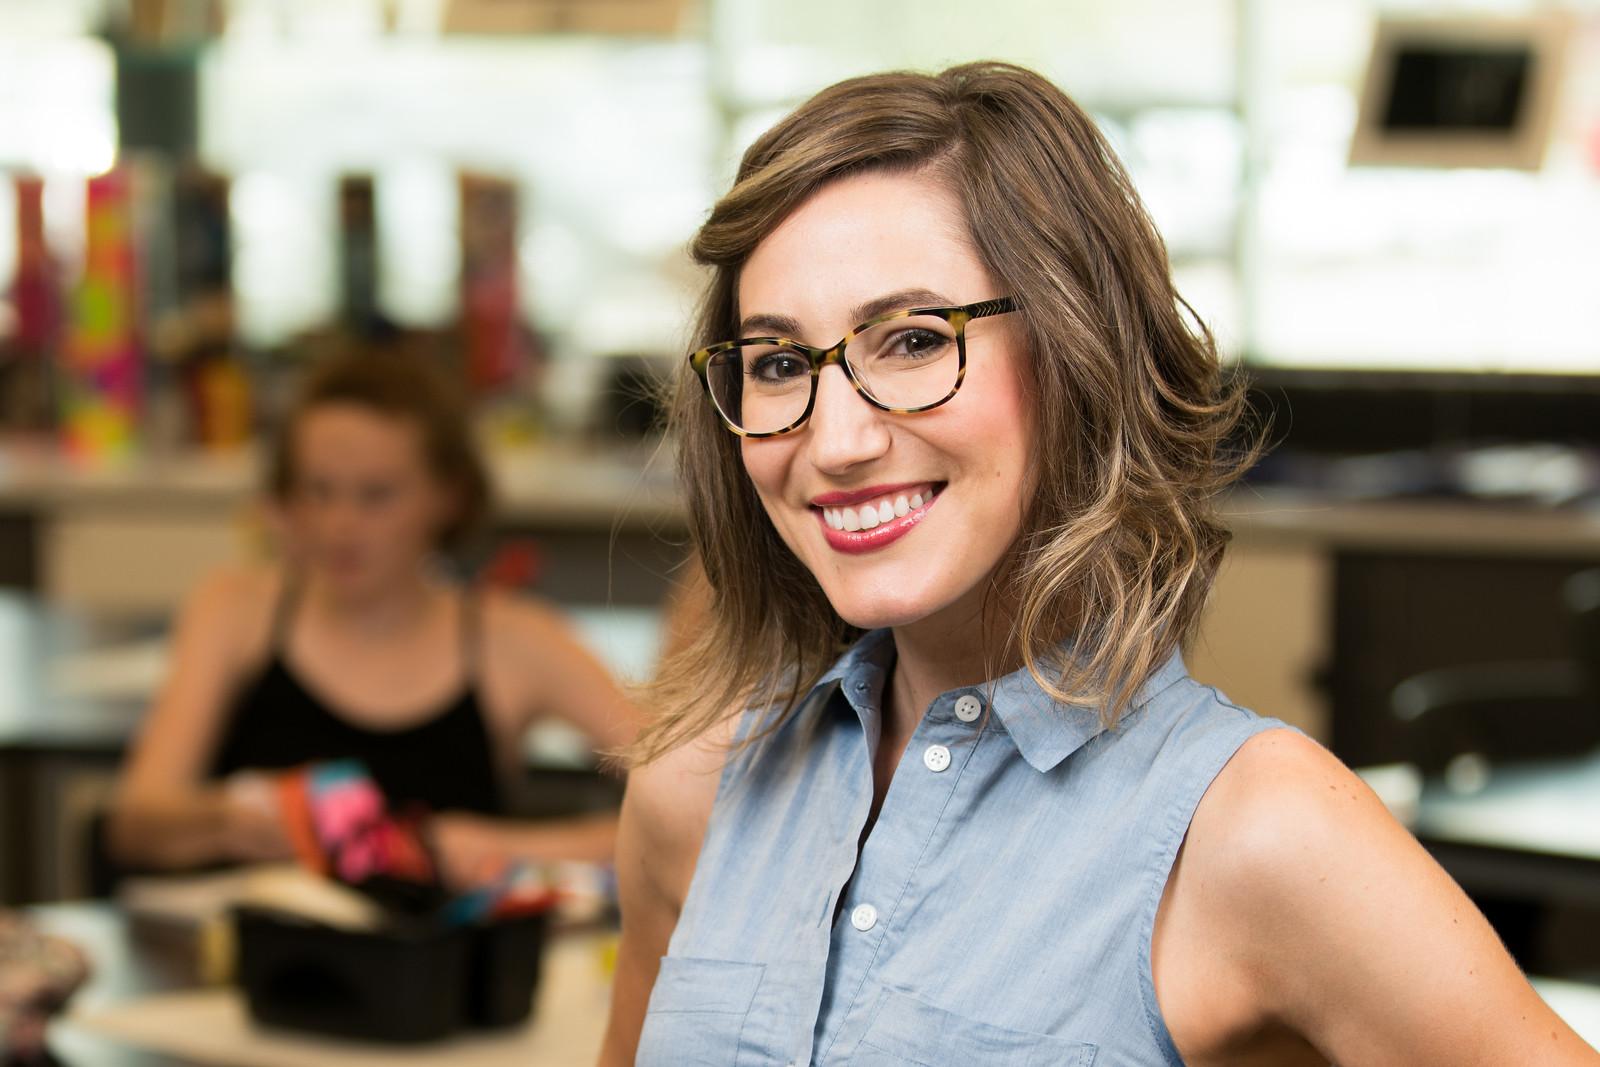 Photo of Tricia Erickson